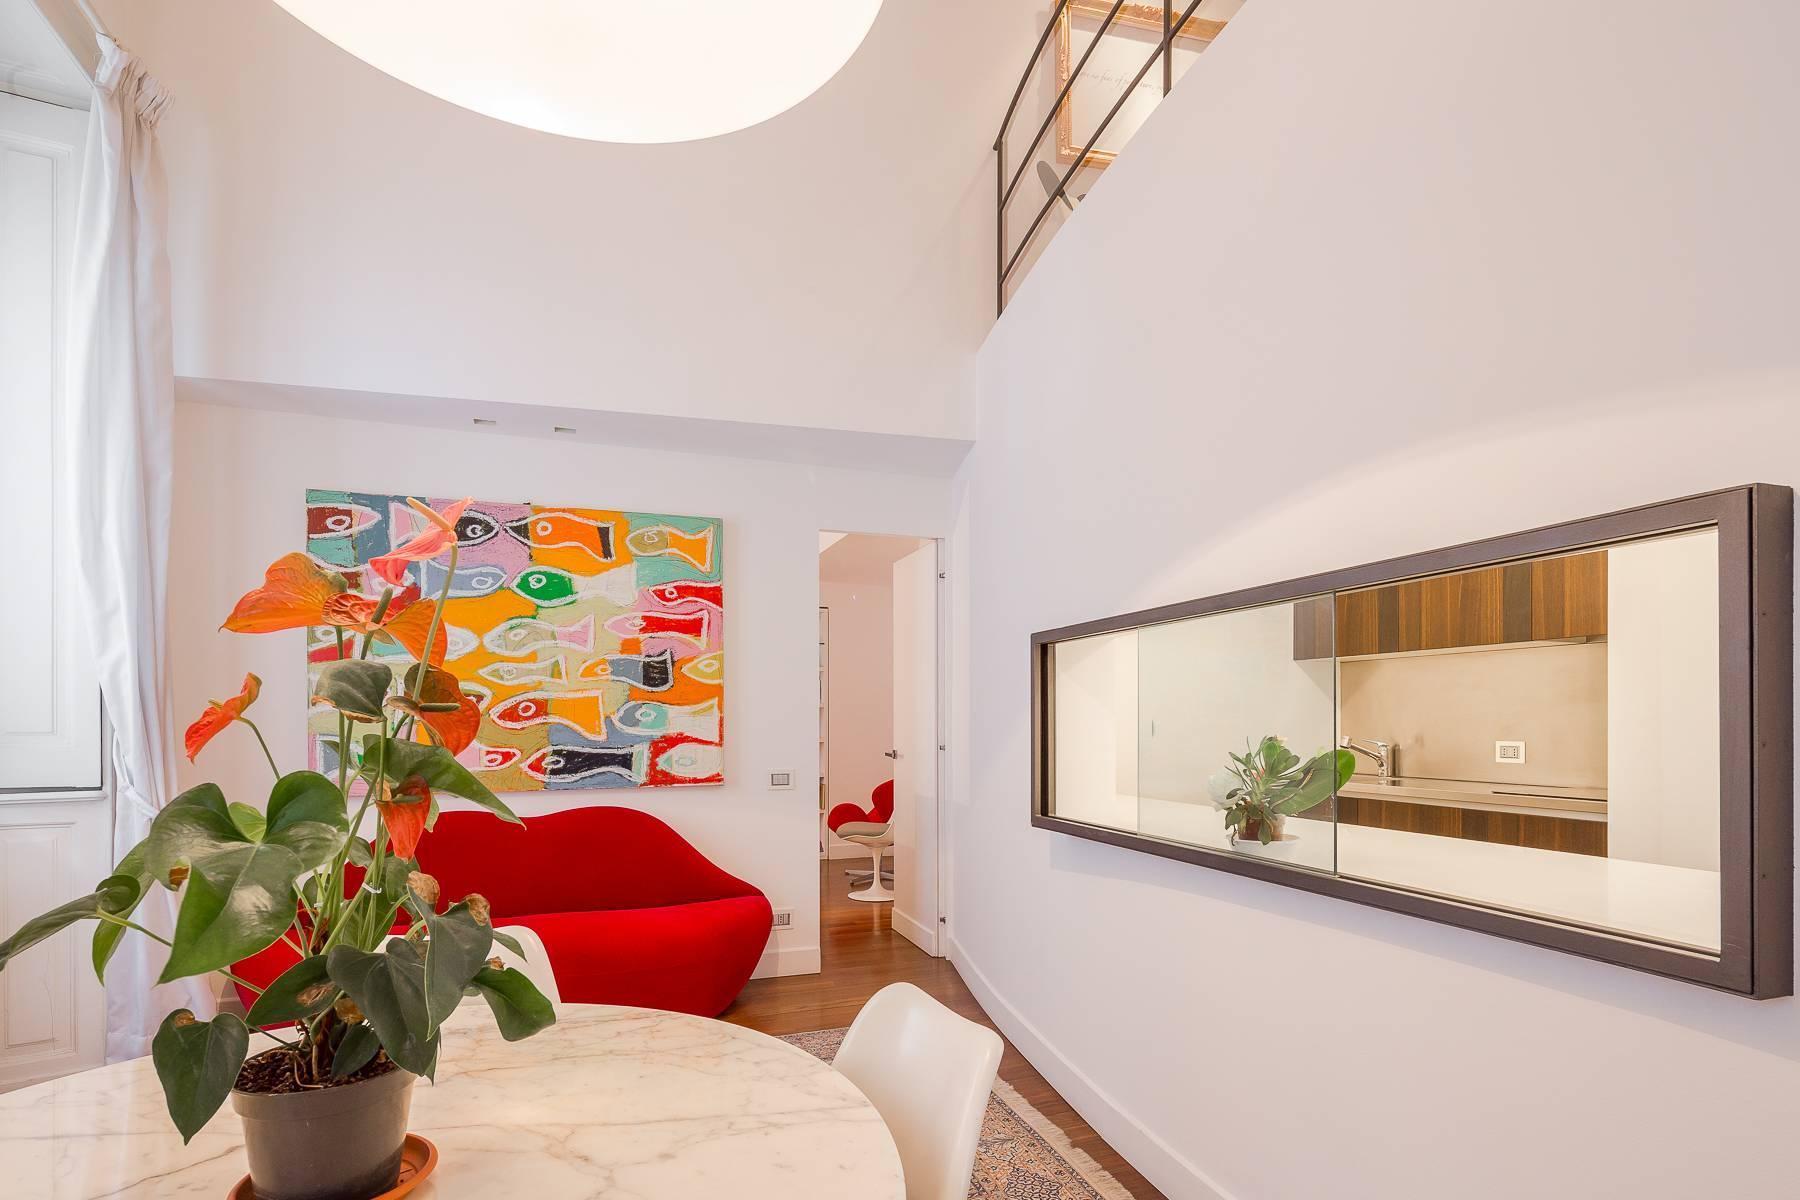 位于布雷拉区Via Montebello与De Marchi交汇处的公寓/复式 - 10